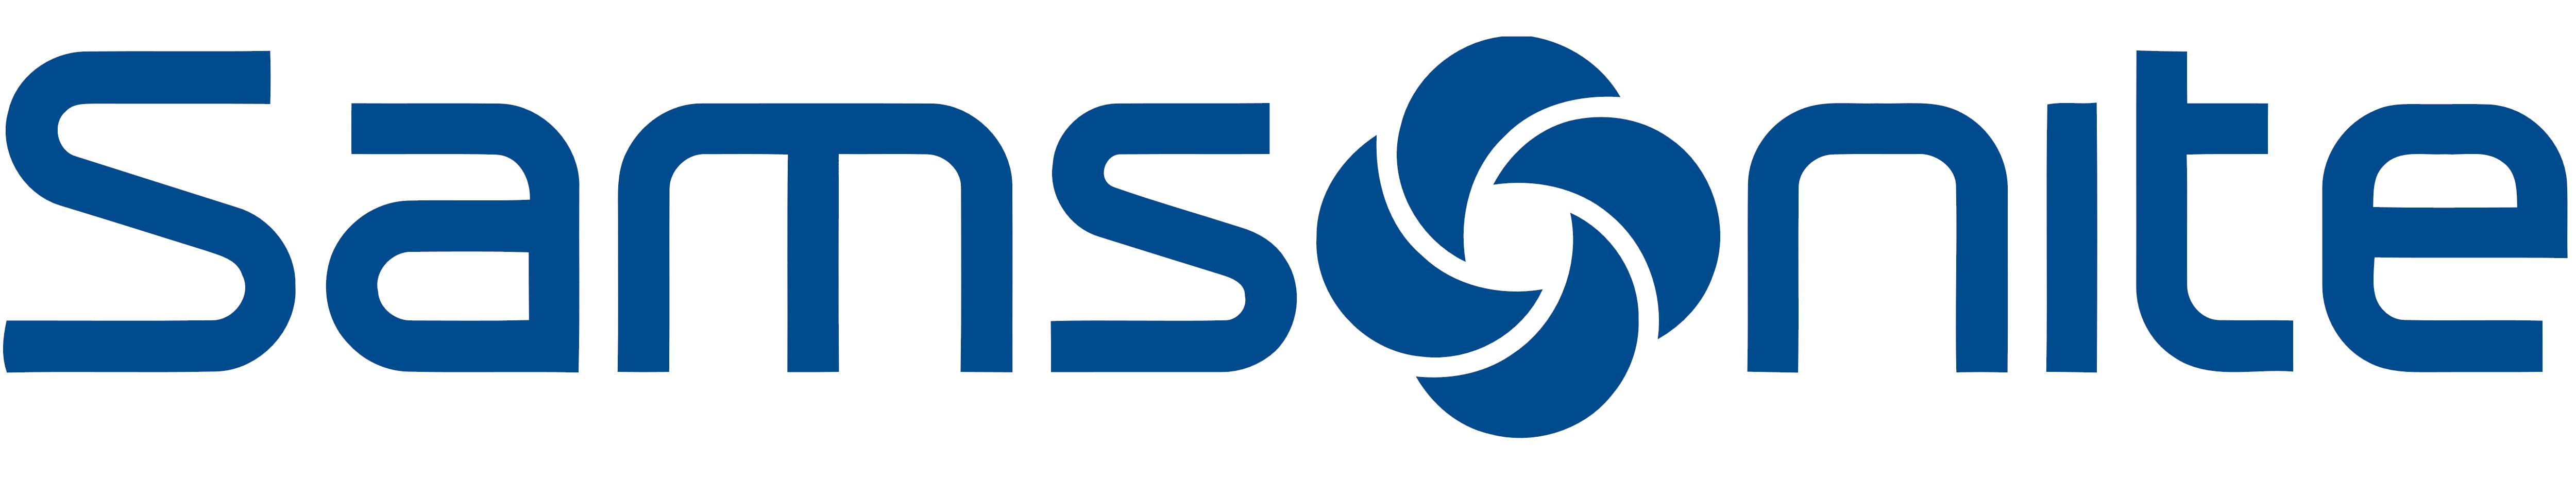 Samsonite_logo_white